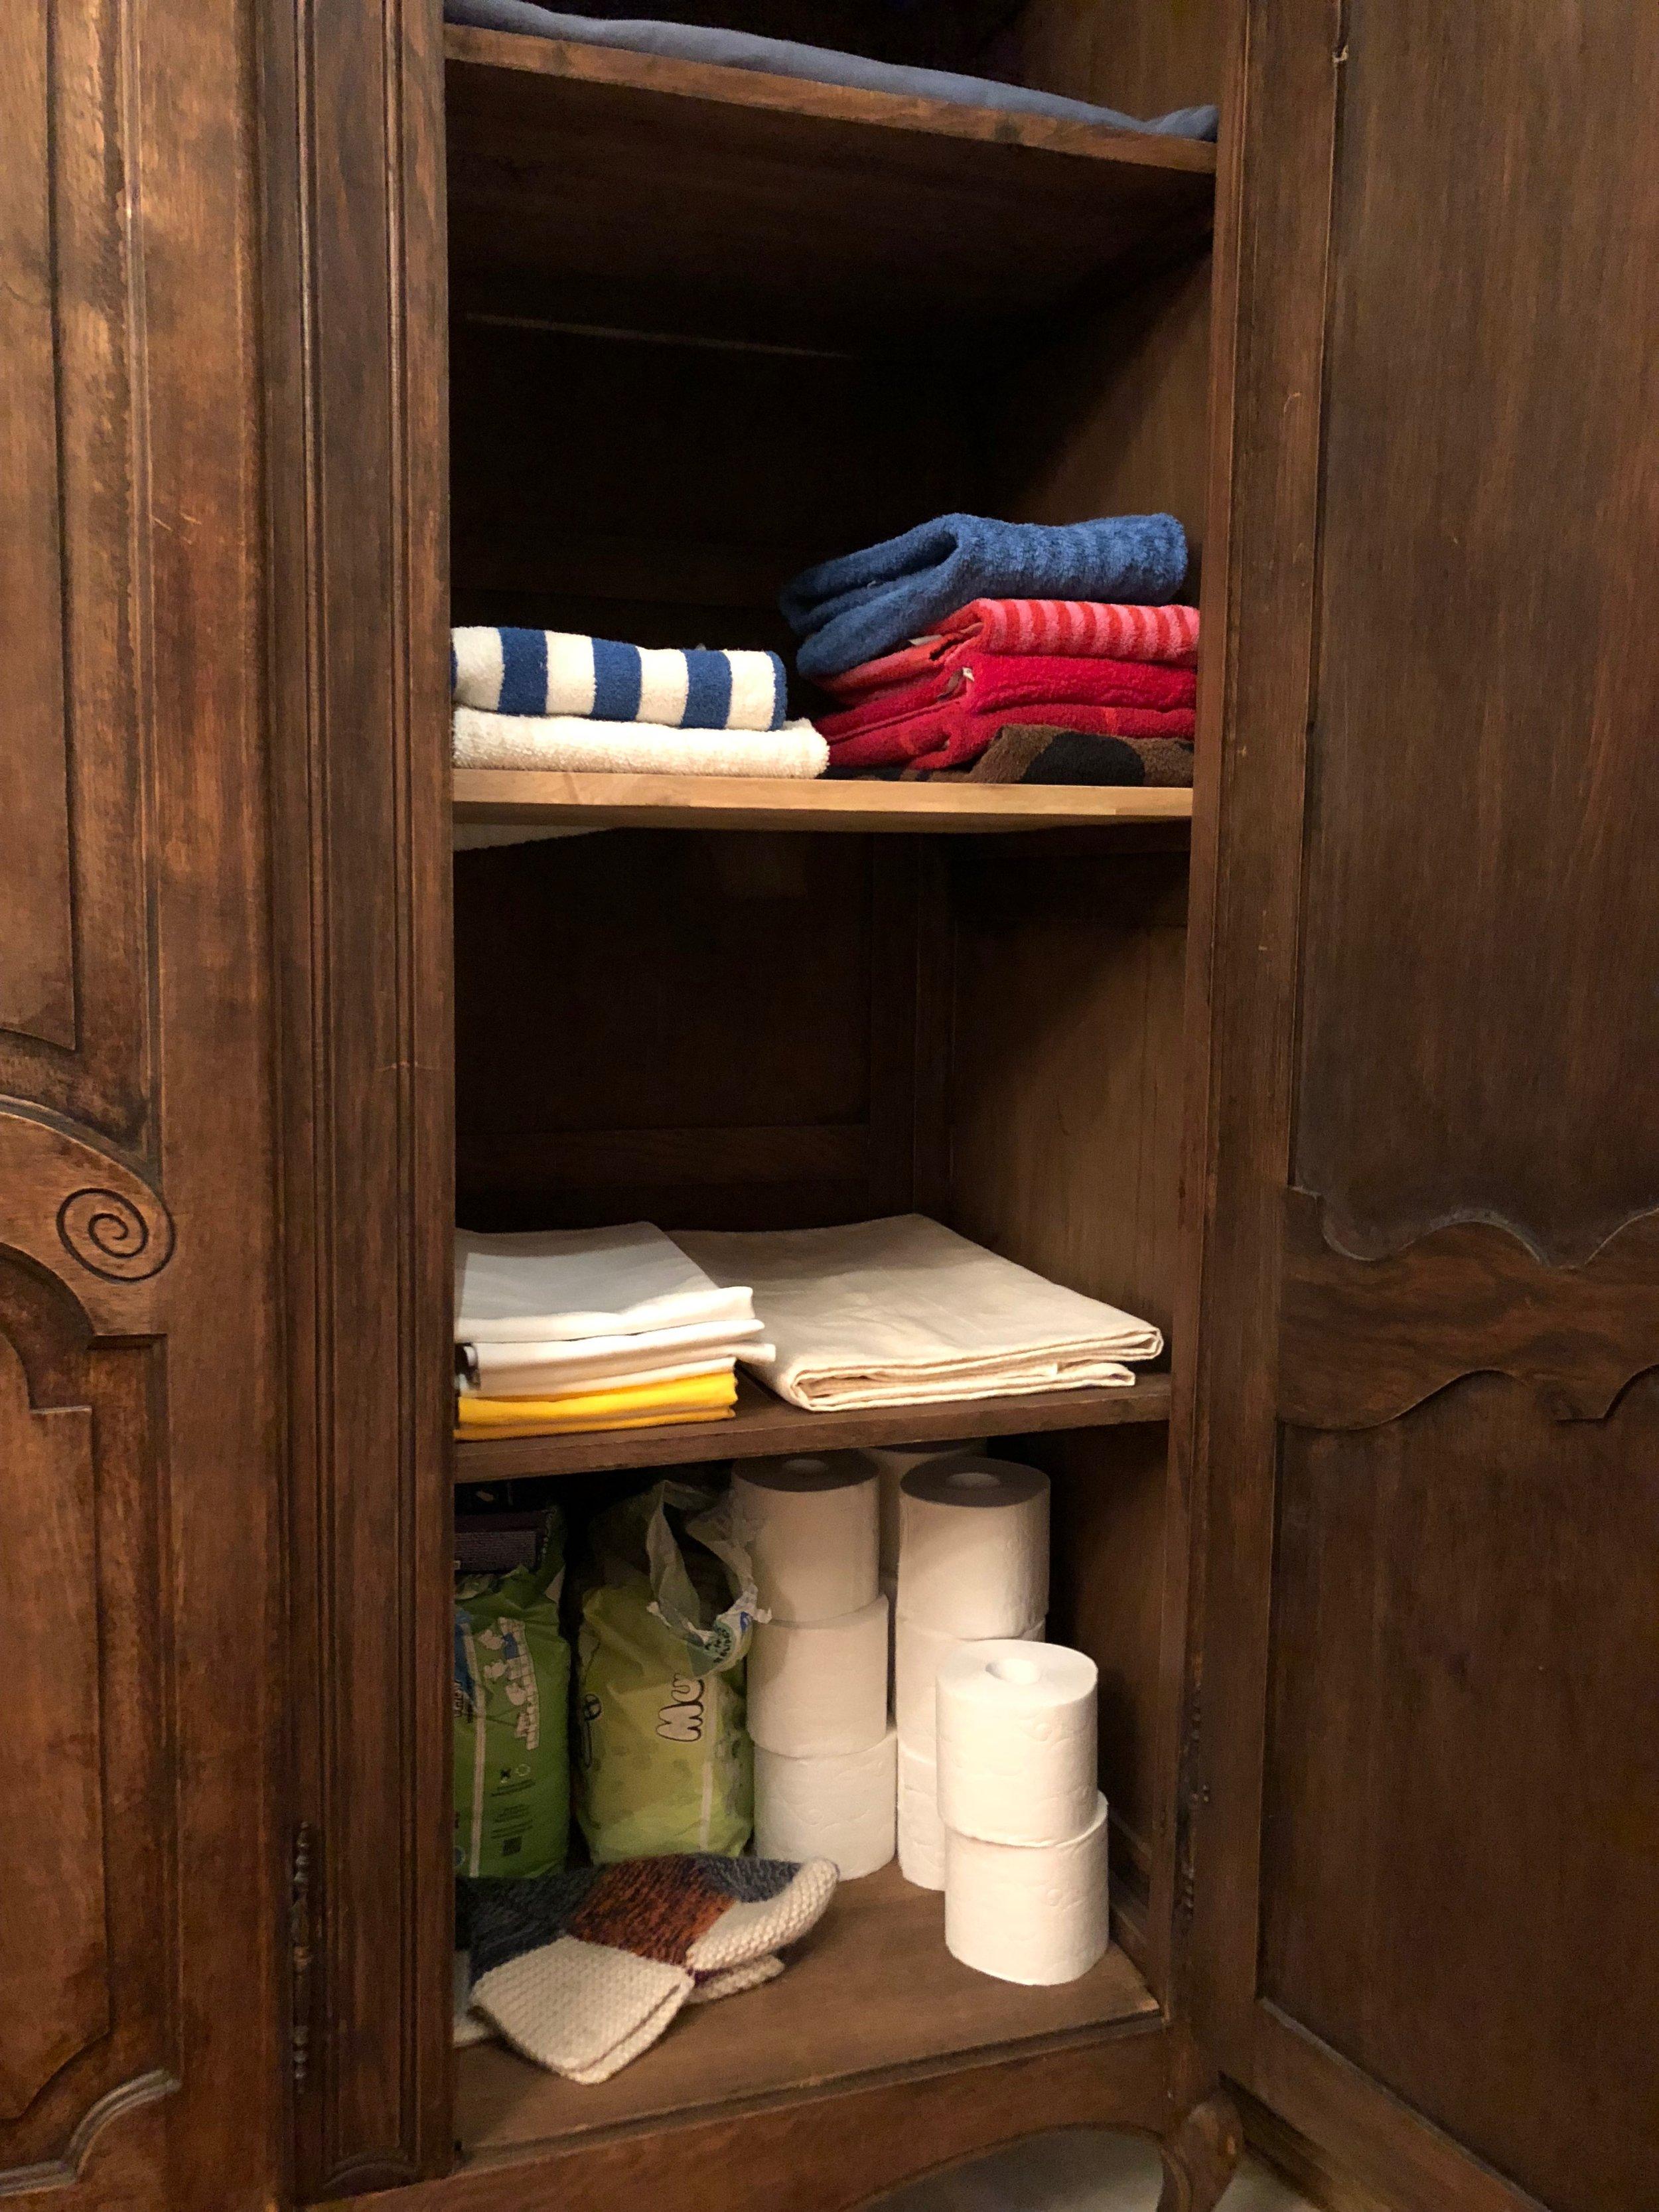 衣柜里的毛巾可是芬兰国宝级品牌 marimekko 的喔!